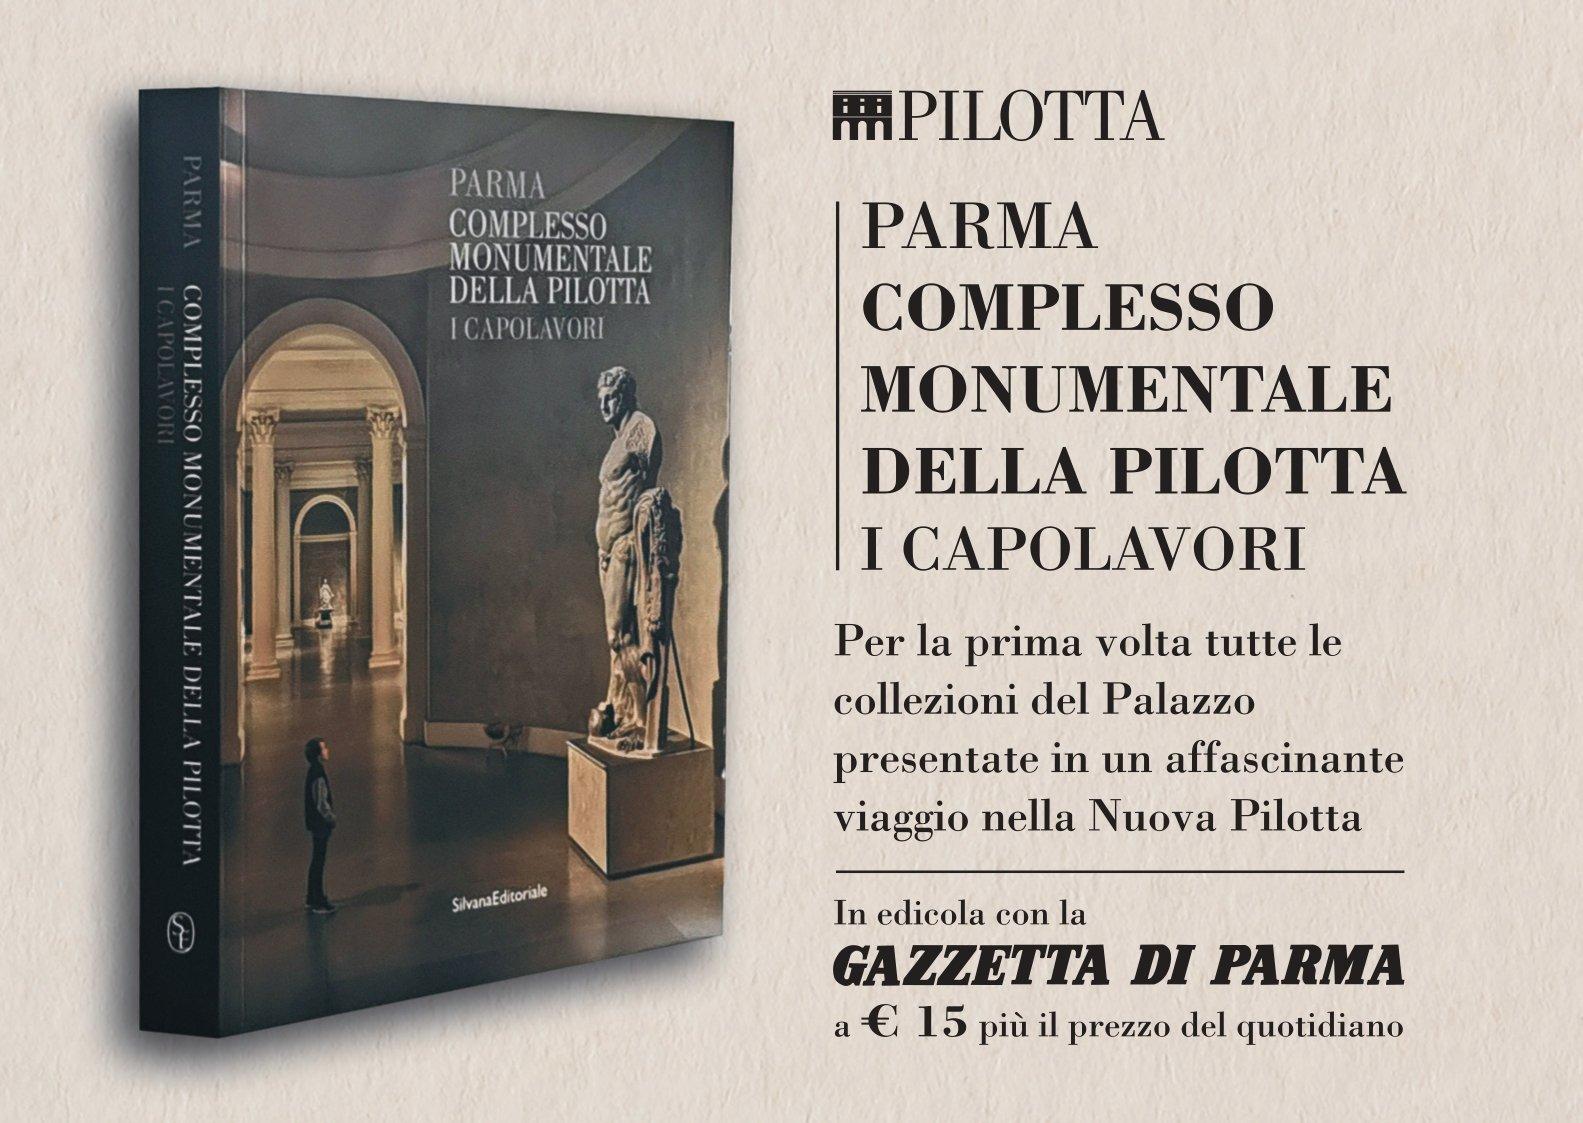 Parma Complesso monumentale della Pilotta I capolavori